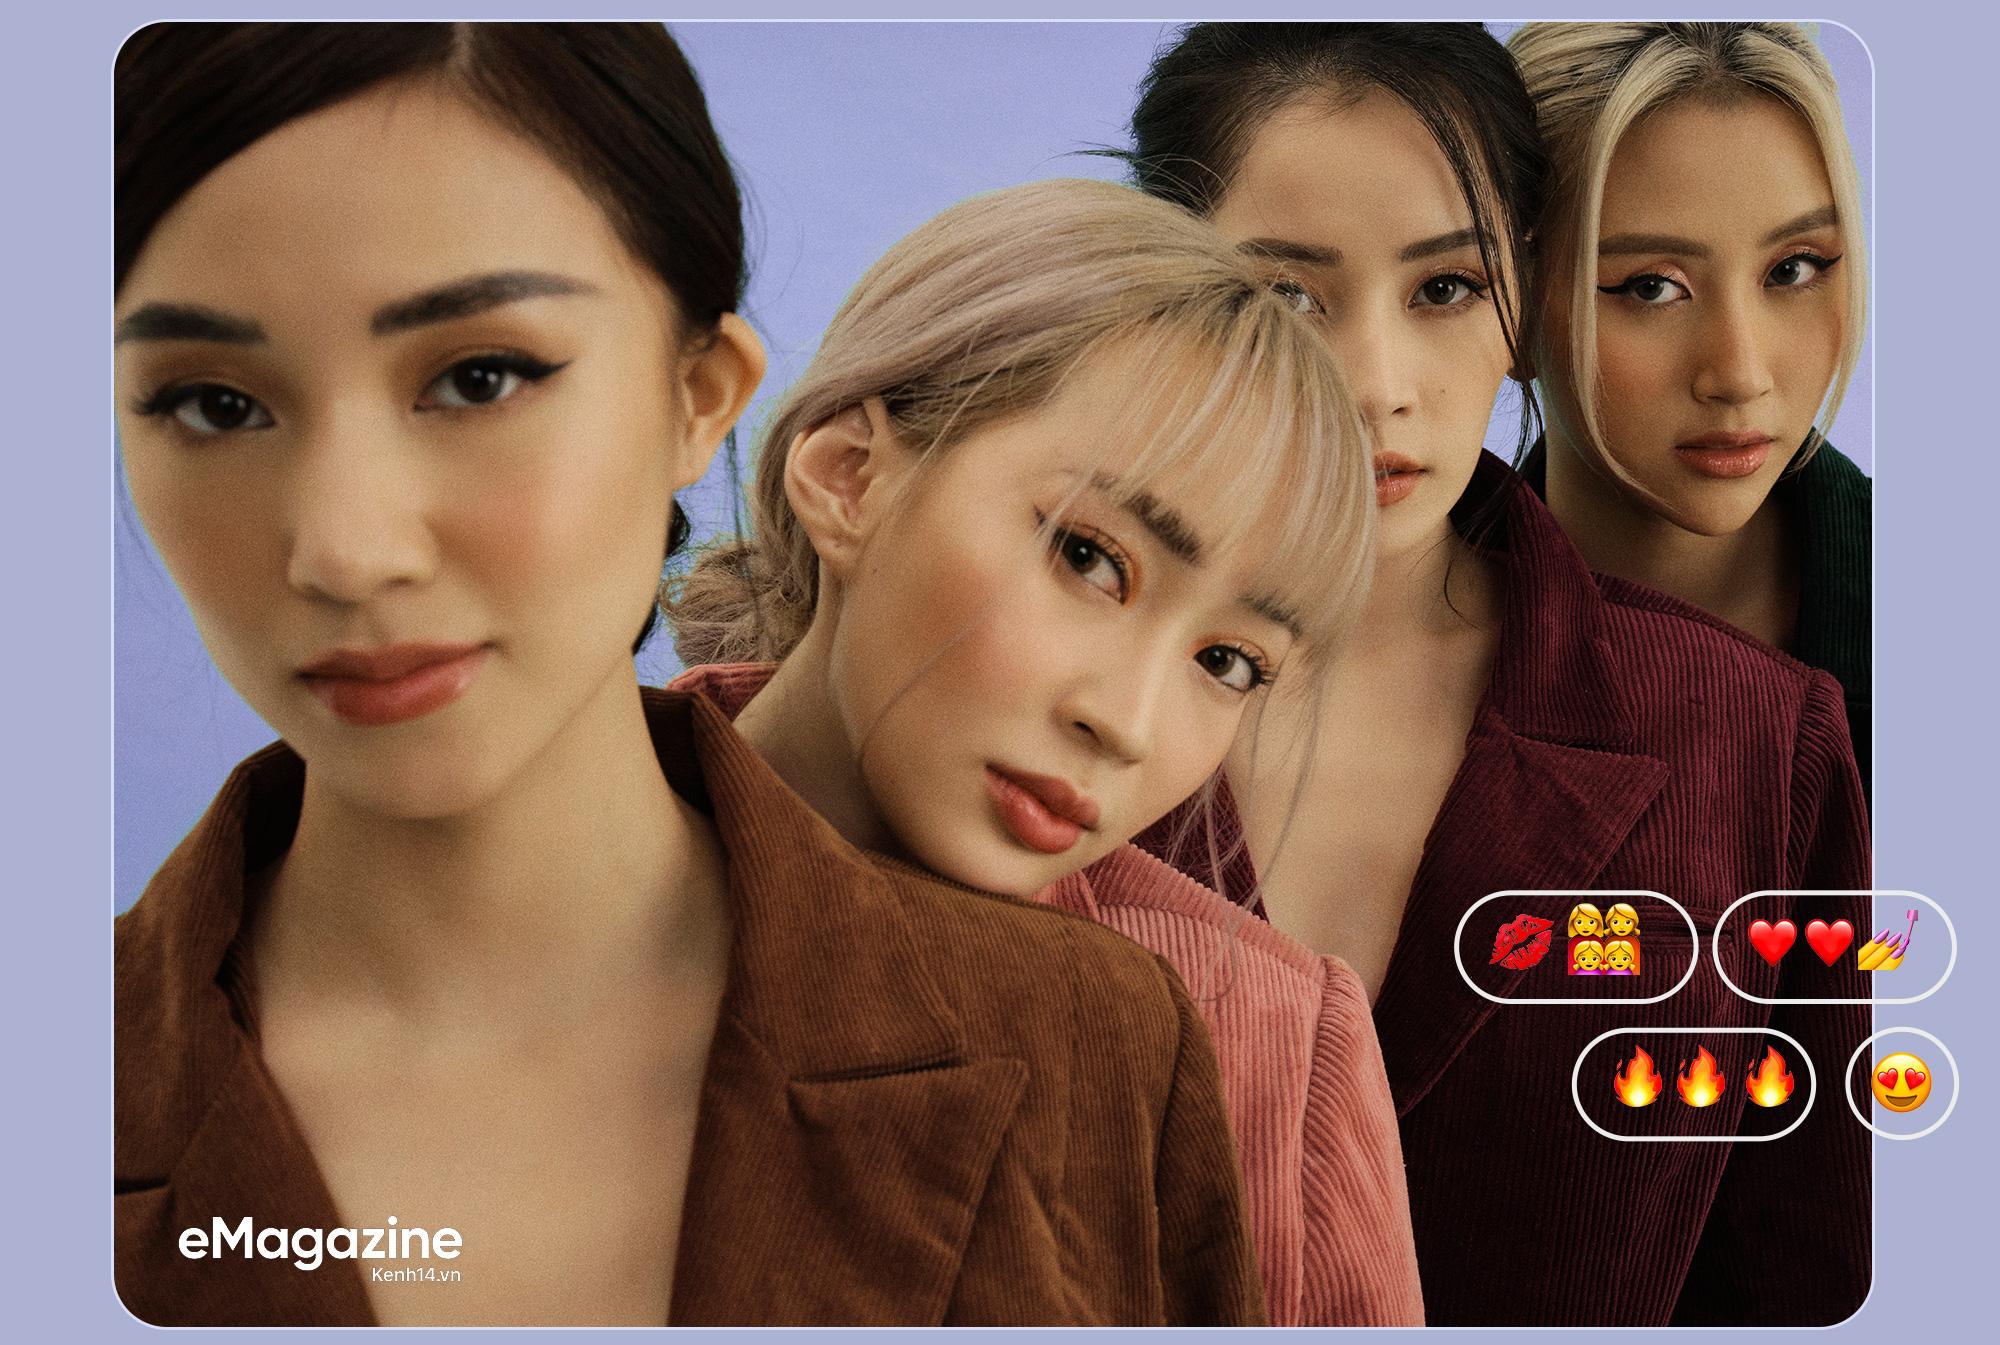 Chi Pu - Quỳnh Anh Shyn - Salim - SunHT: Không chỉ xinh đẹp và nổi tiếng, 4 cô gái này còn là hội bạn thân quyền lực nhất Việt Nam - Ảnh 22.